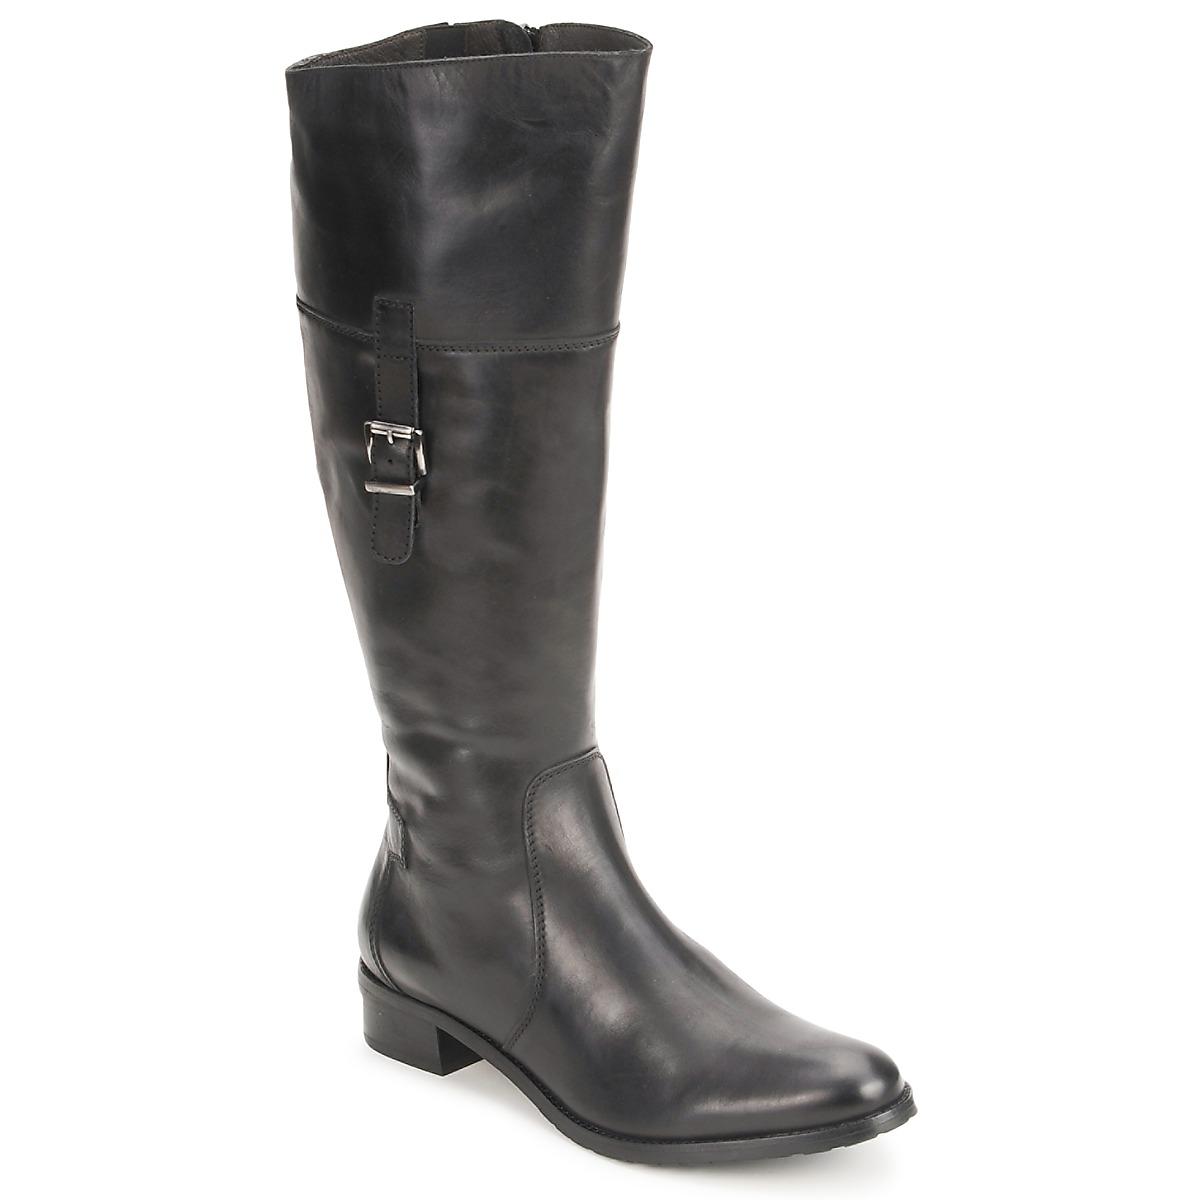 Fidji ERTUNI Schwarz - Kostenloser Versand bei Spartoode ! - Schuhe Klassische Stiefel Damen 131,40 €